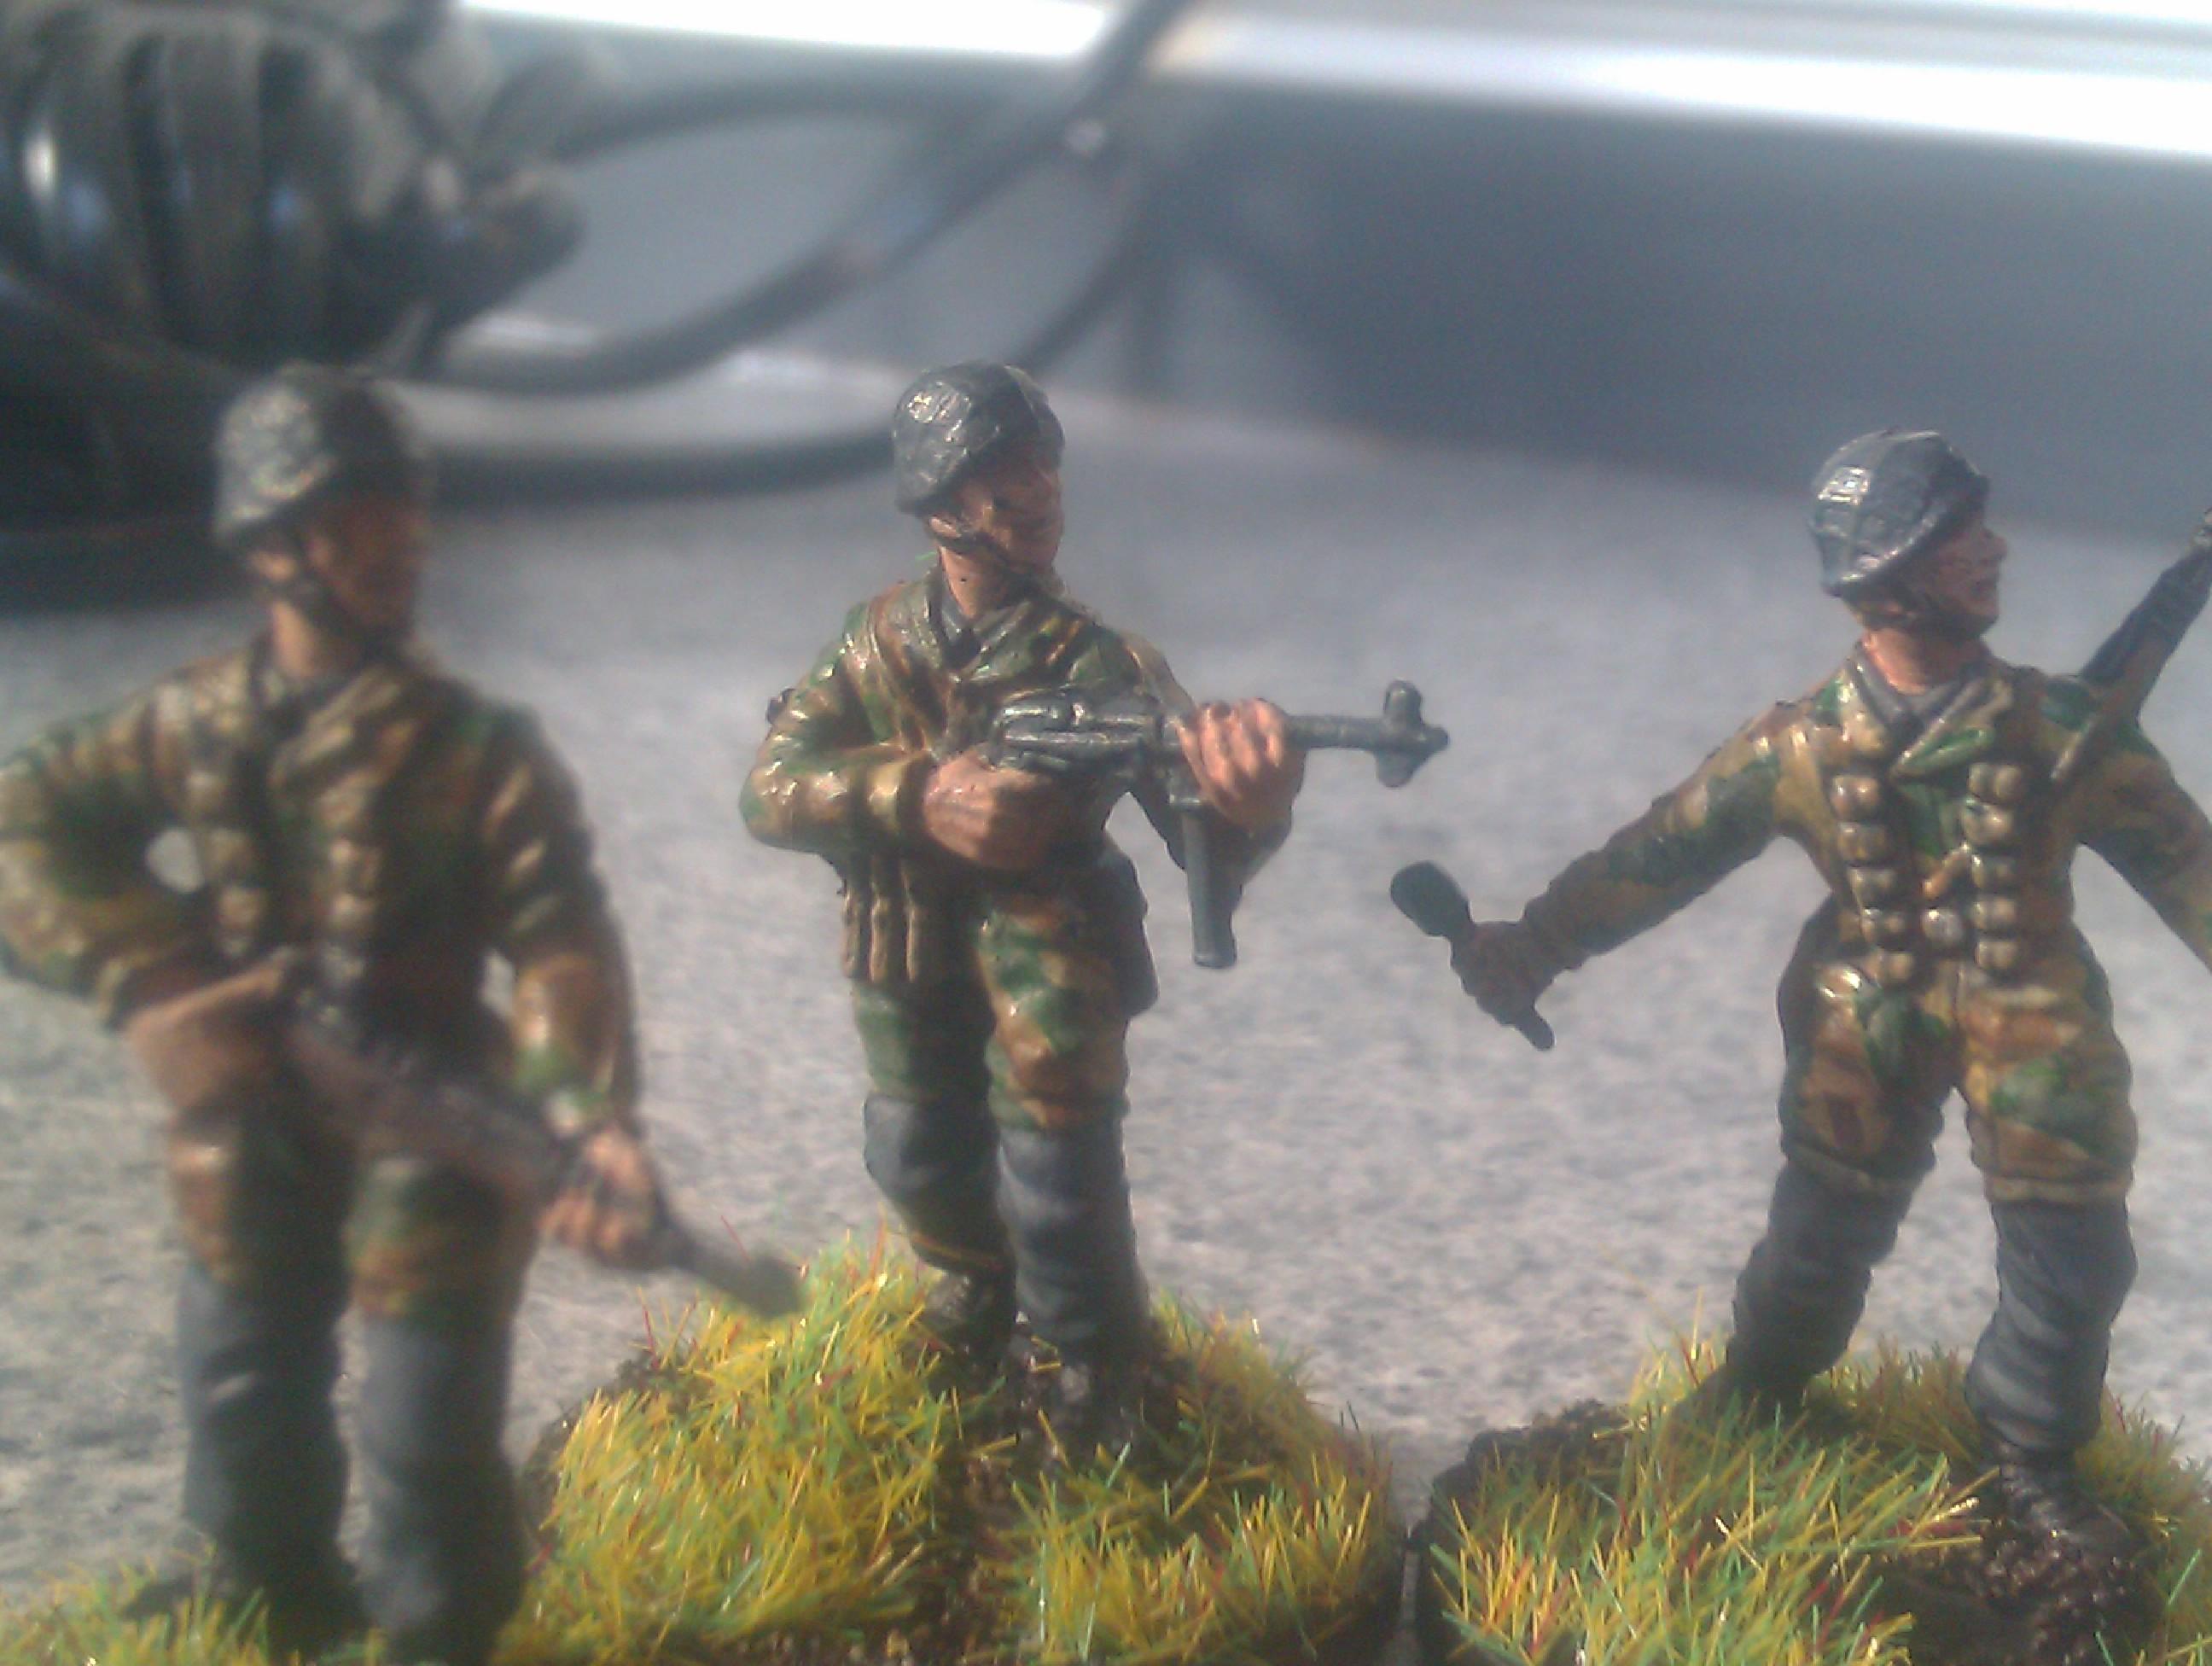 Fallschirmjaeger, Fallschirmjaegers, Fallschirmjager, Fallschirmjagers, Germans, Italeri